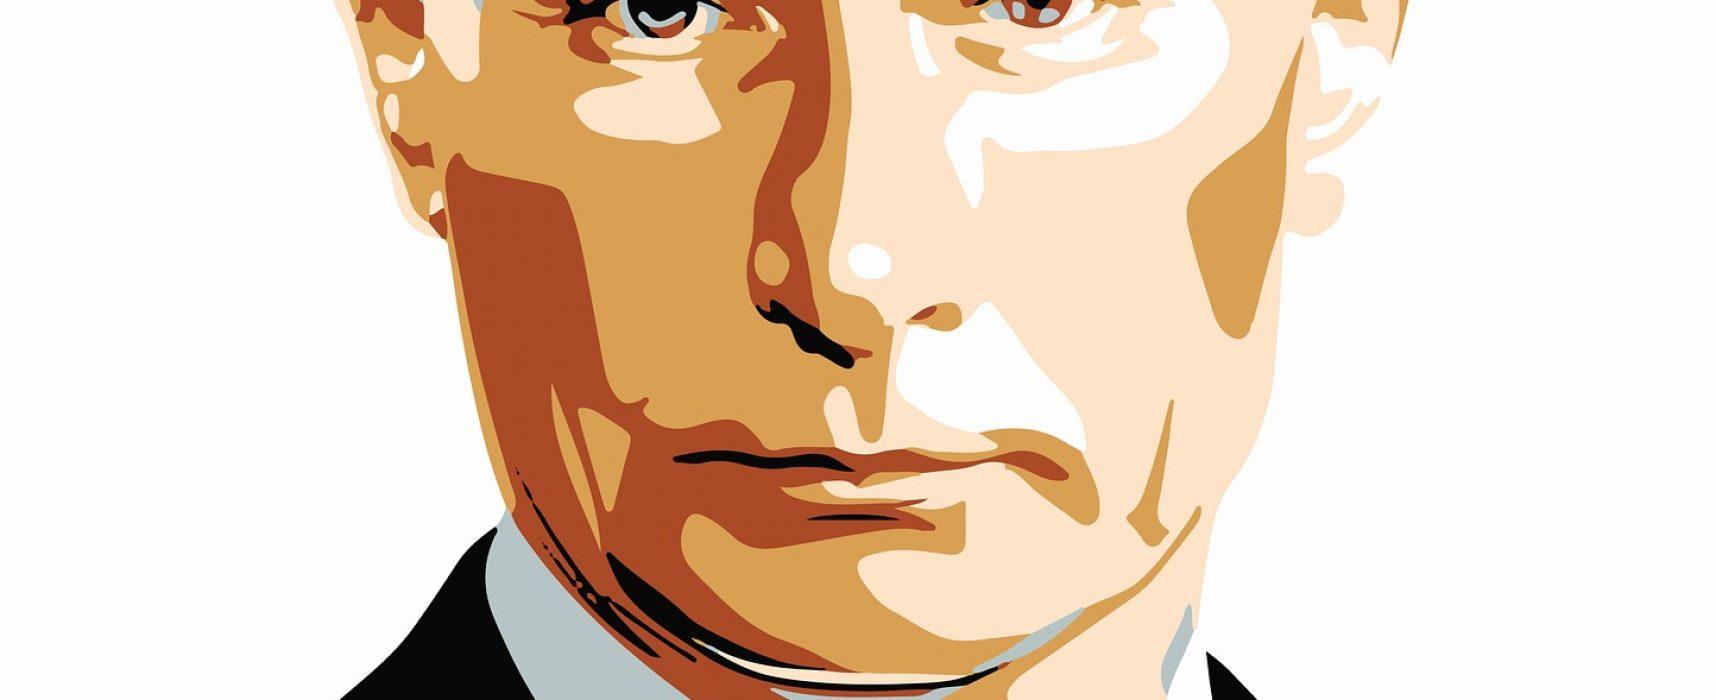 Polacy nie obciążają Rosjan za politykę Kremla